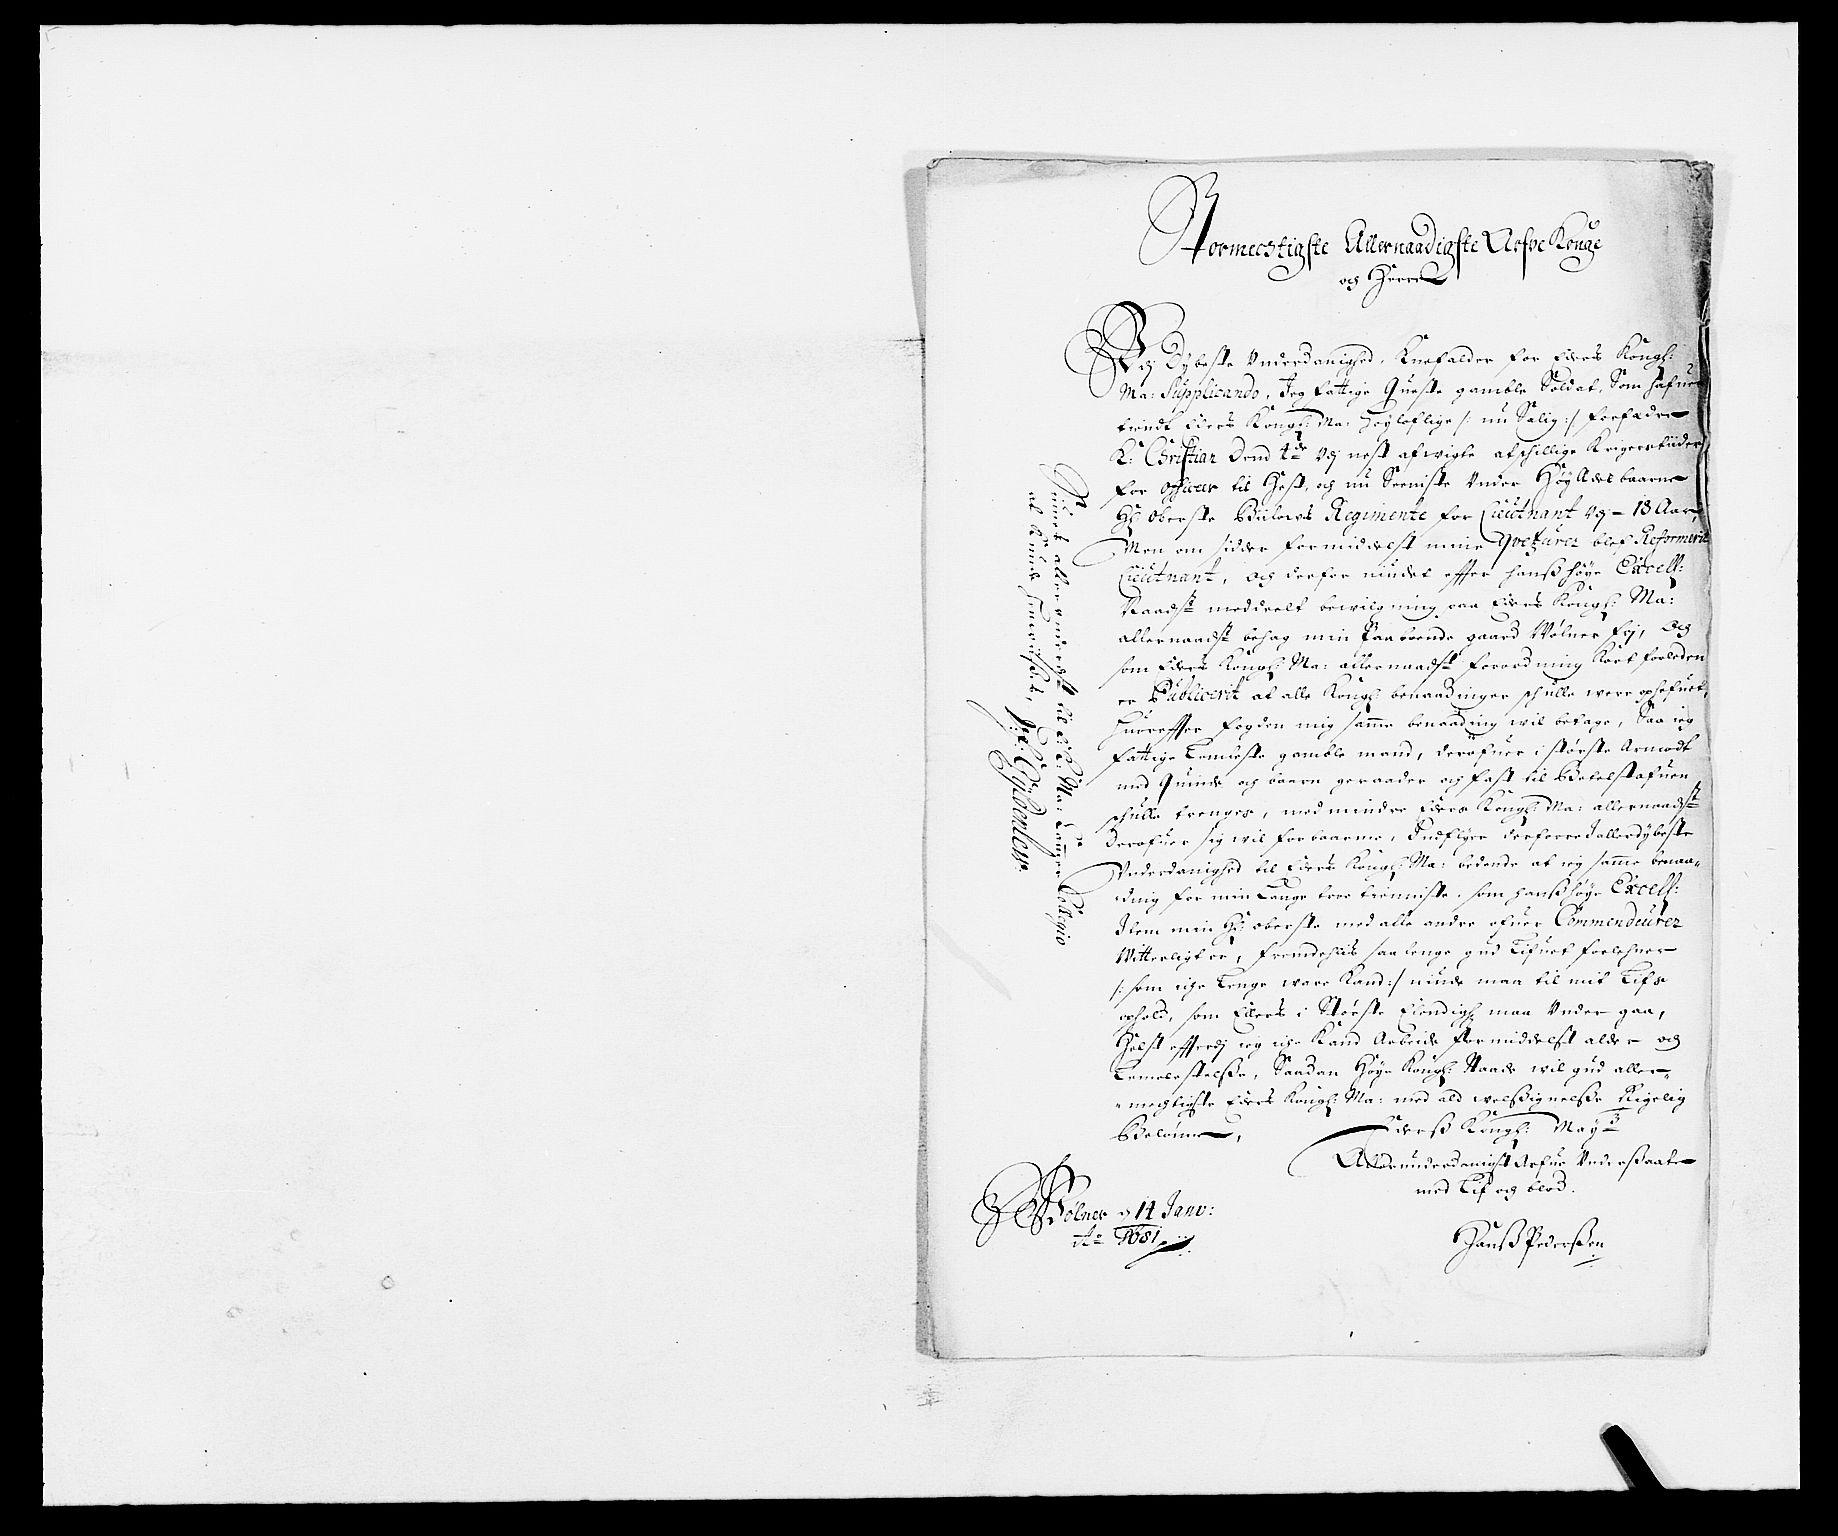 RA, Rentekammeret inntil 1814, Reviderte regnskaper, Fogderegnskap, R11/L0572: Fogderegnskap Nedre Romerike, 1686-1687, s. 208